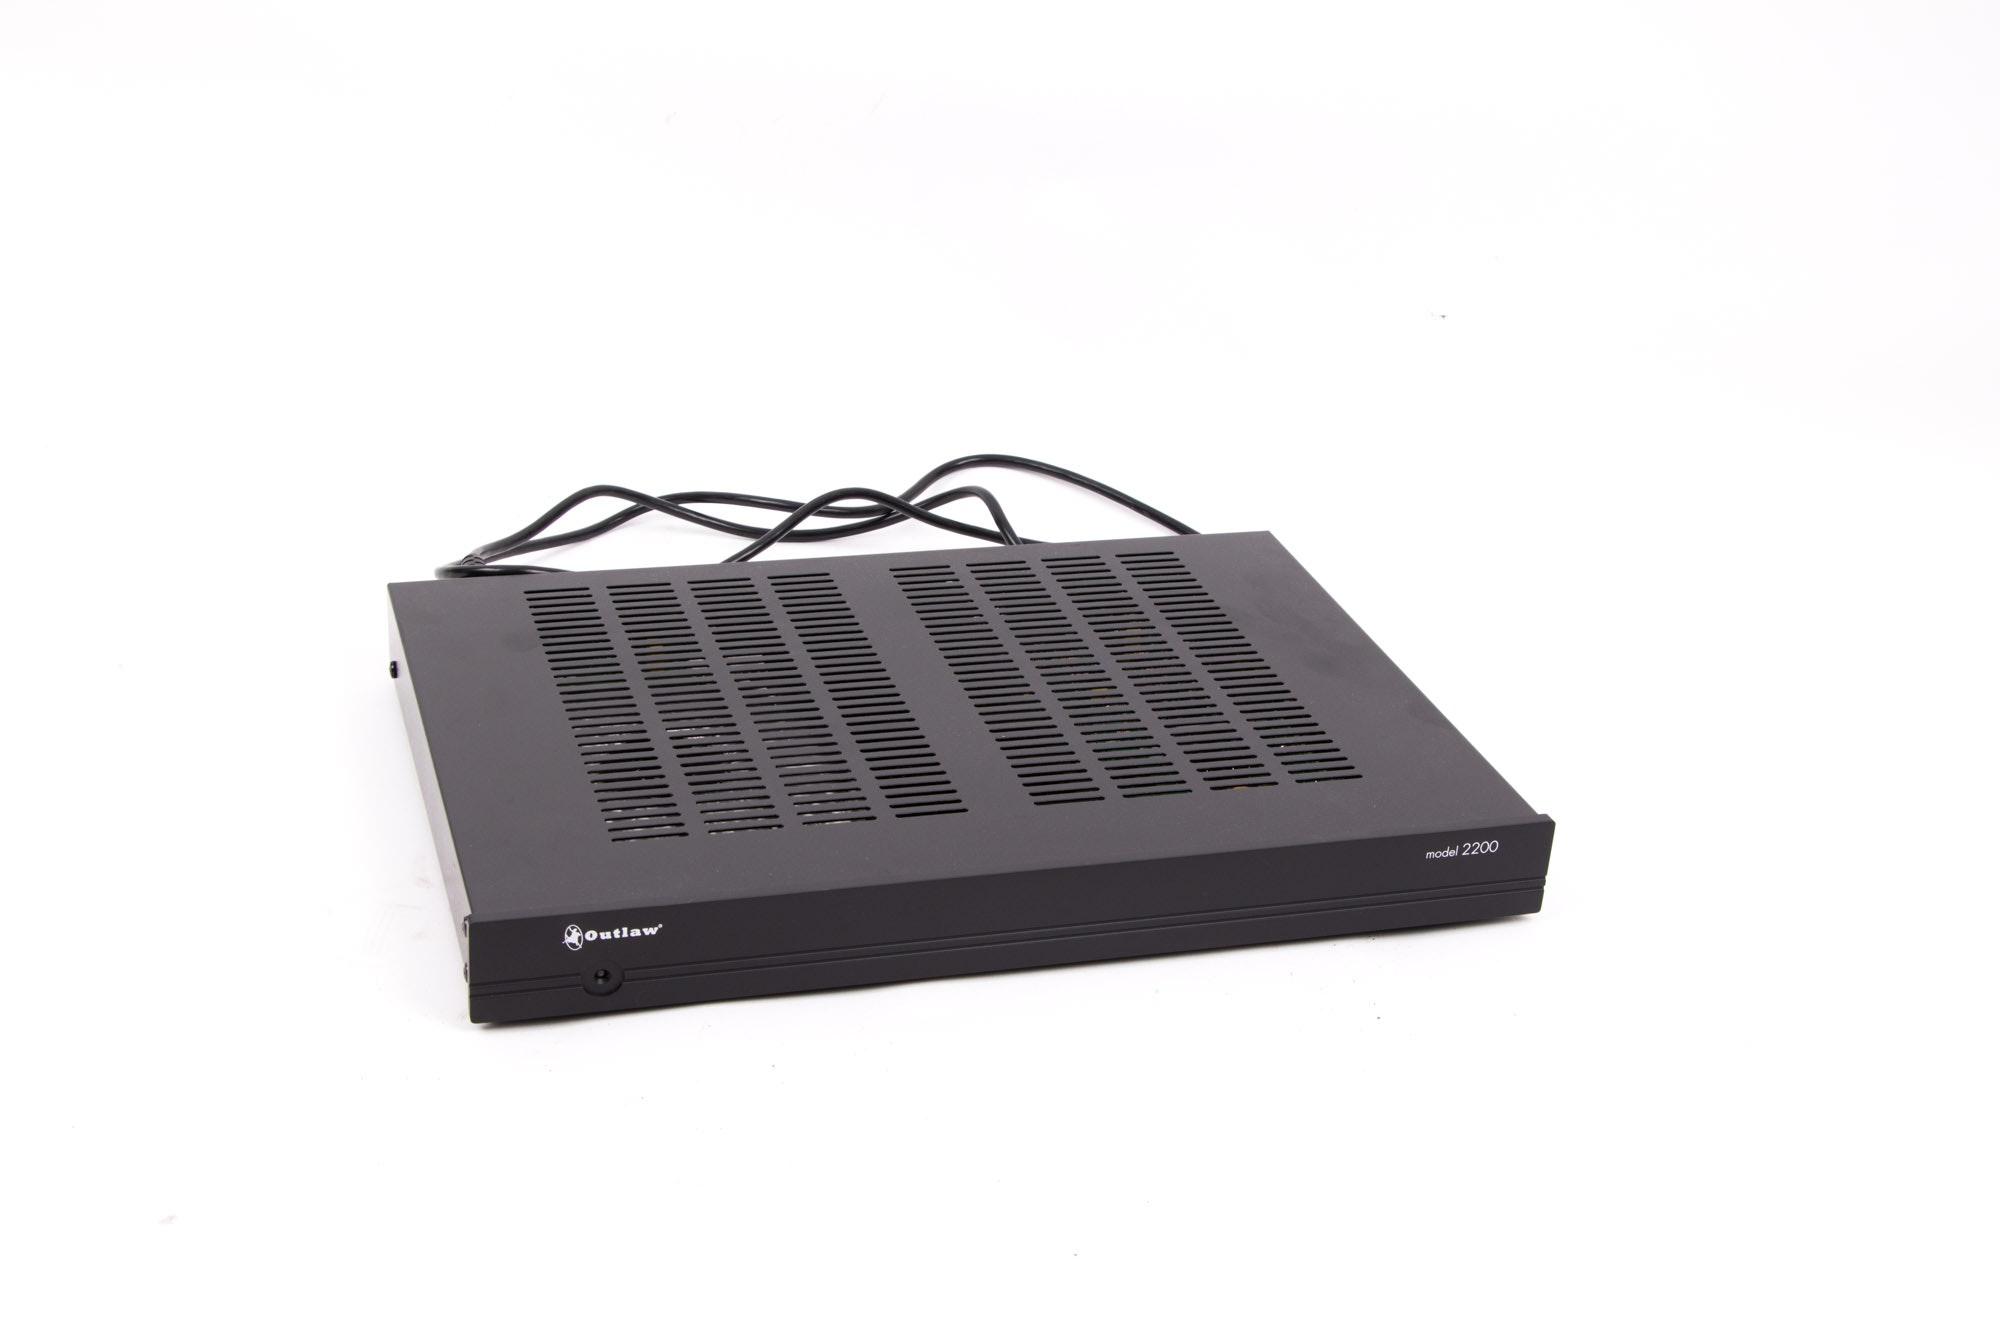 Outlaw Model 2200 Pre-Amplifier